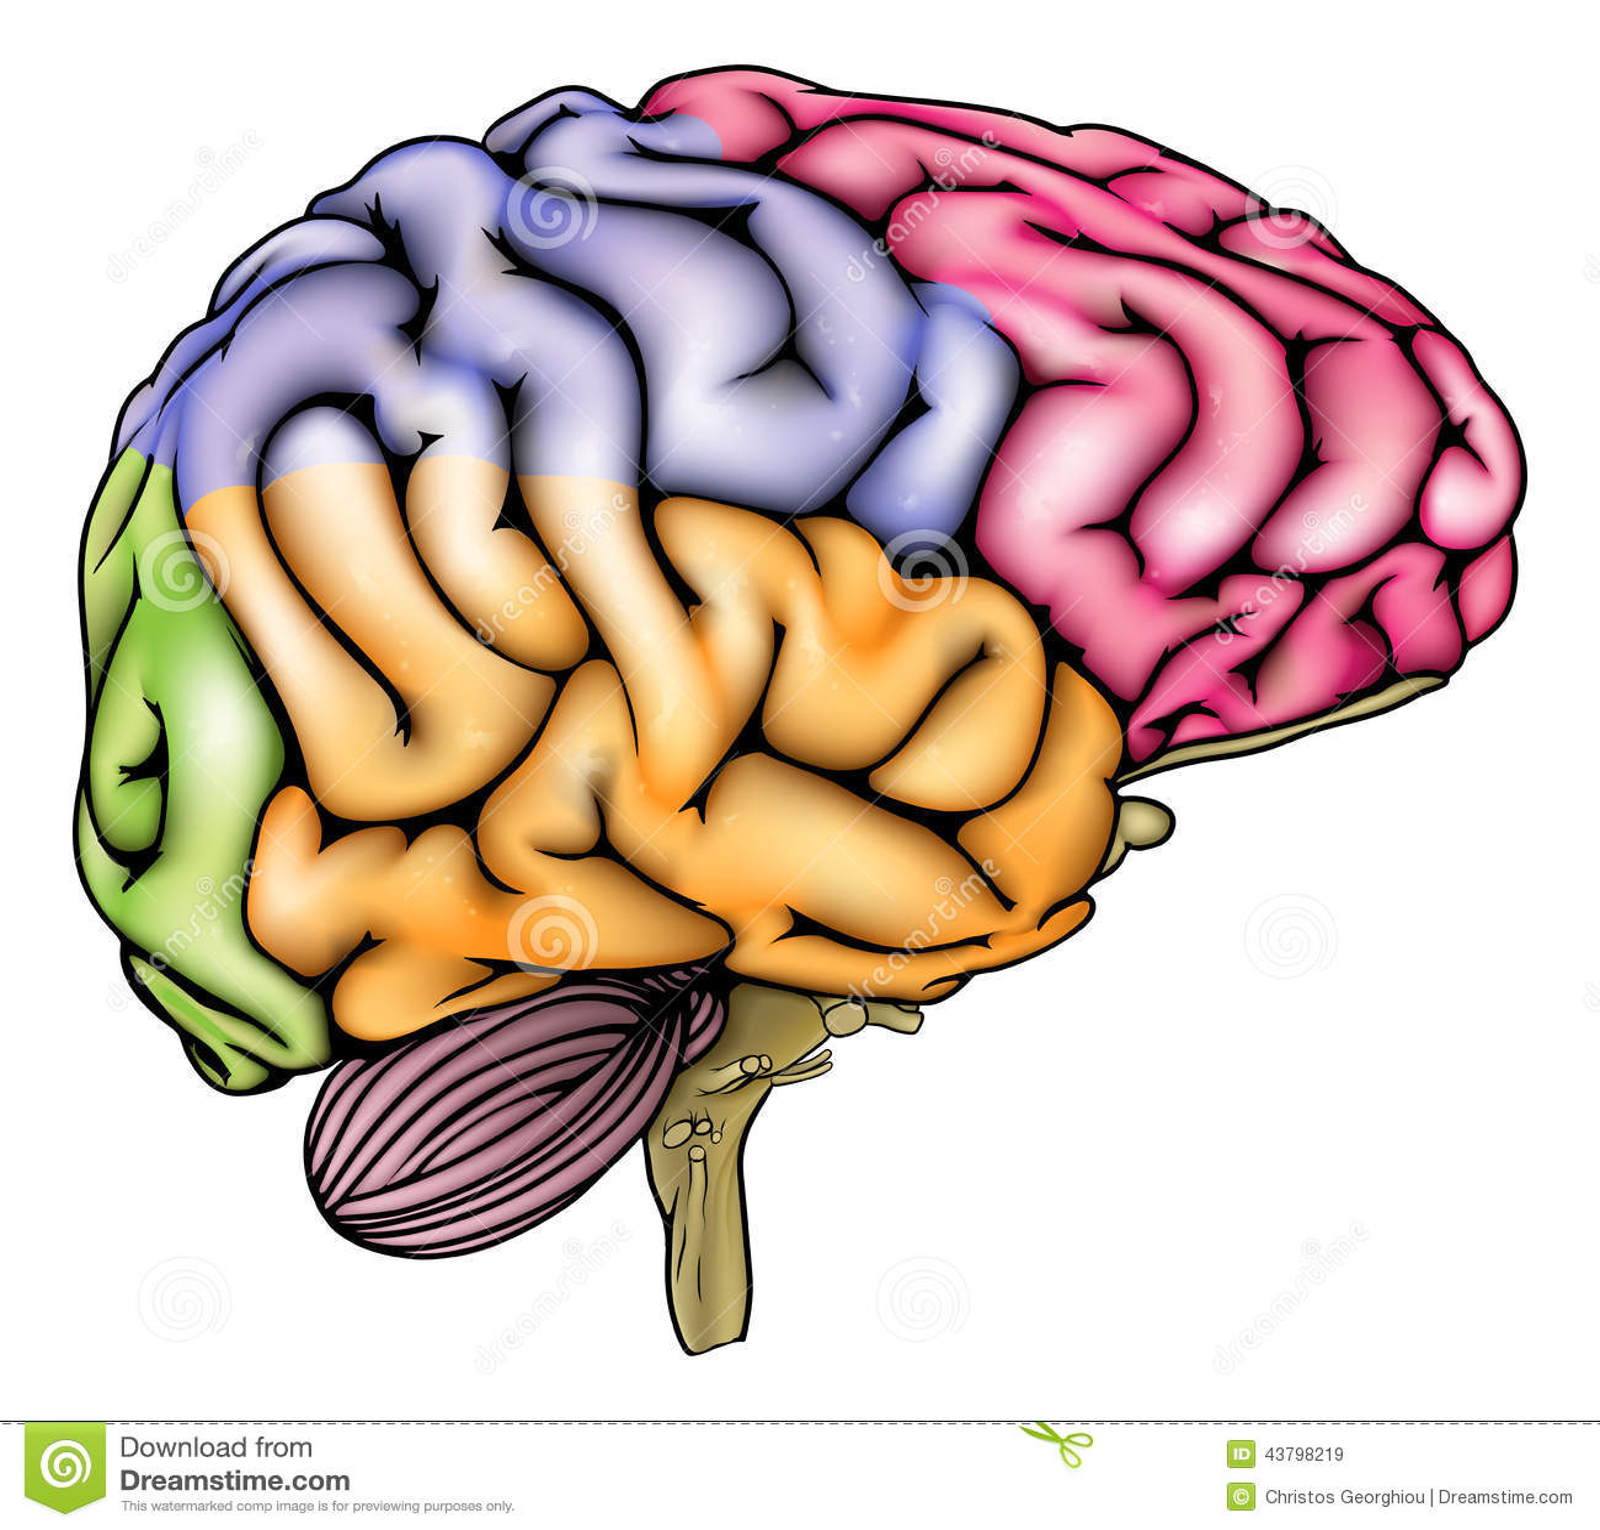 Anatomie Des Menschlichen Gehirns Unterteilt Vektor Abbildung ...